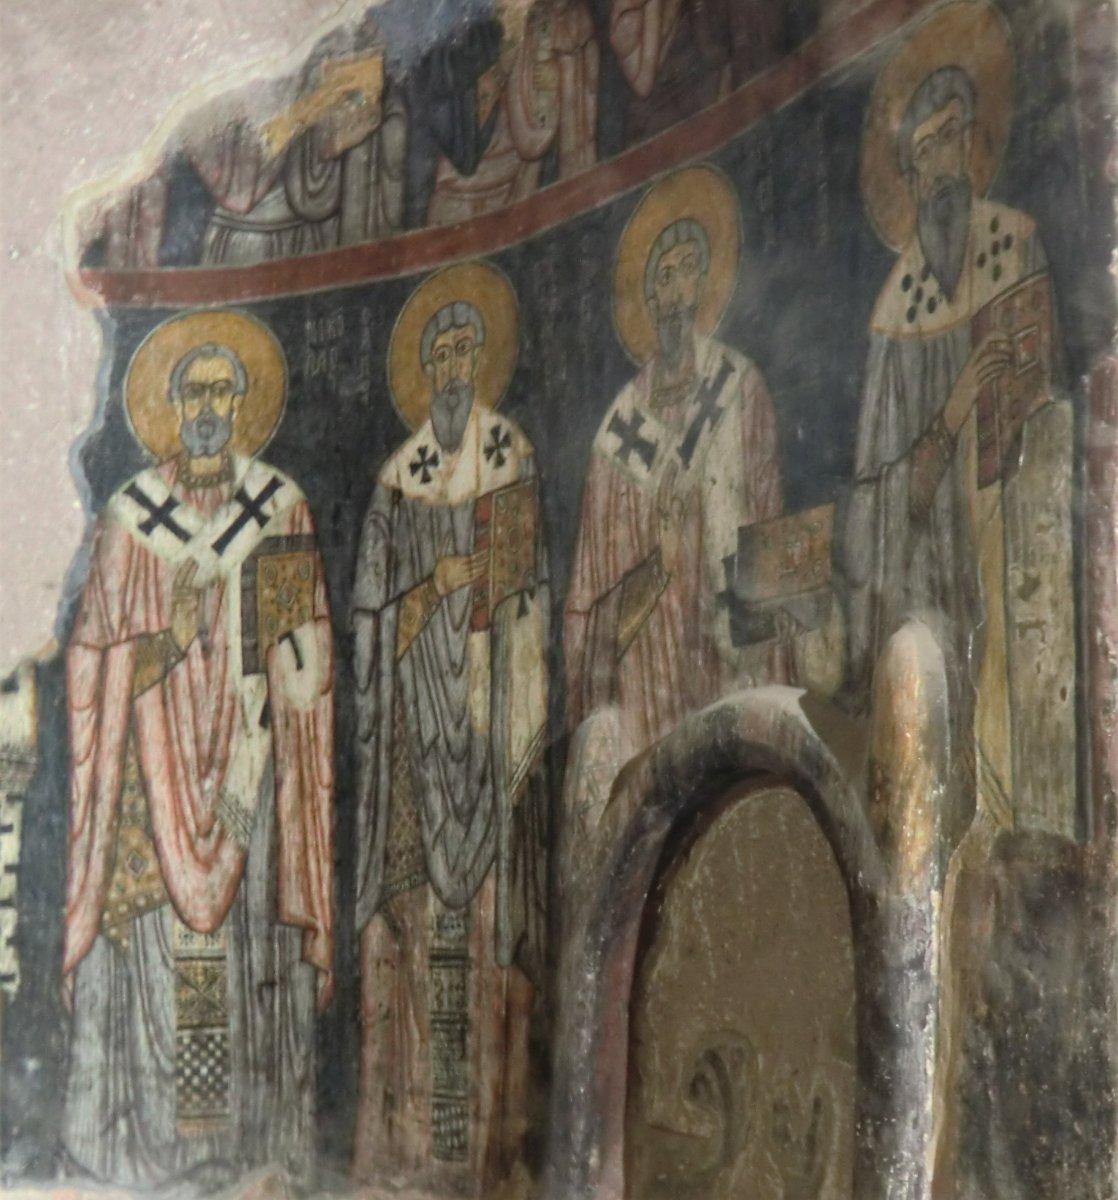 Nikolaus (links) mit weiteren Bischöfen, 11. Jahrhundert, in der Kirche des Klosters in Gümüsler bei Niğde